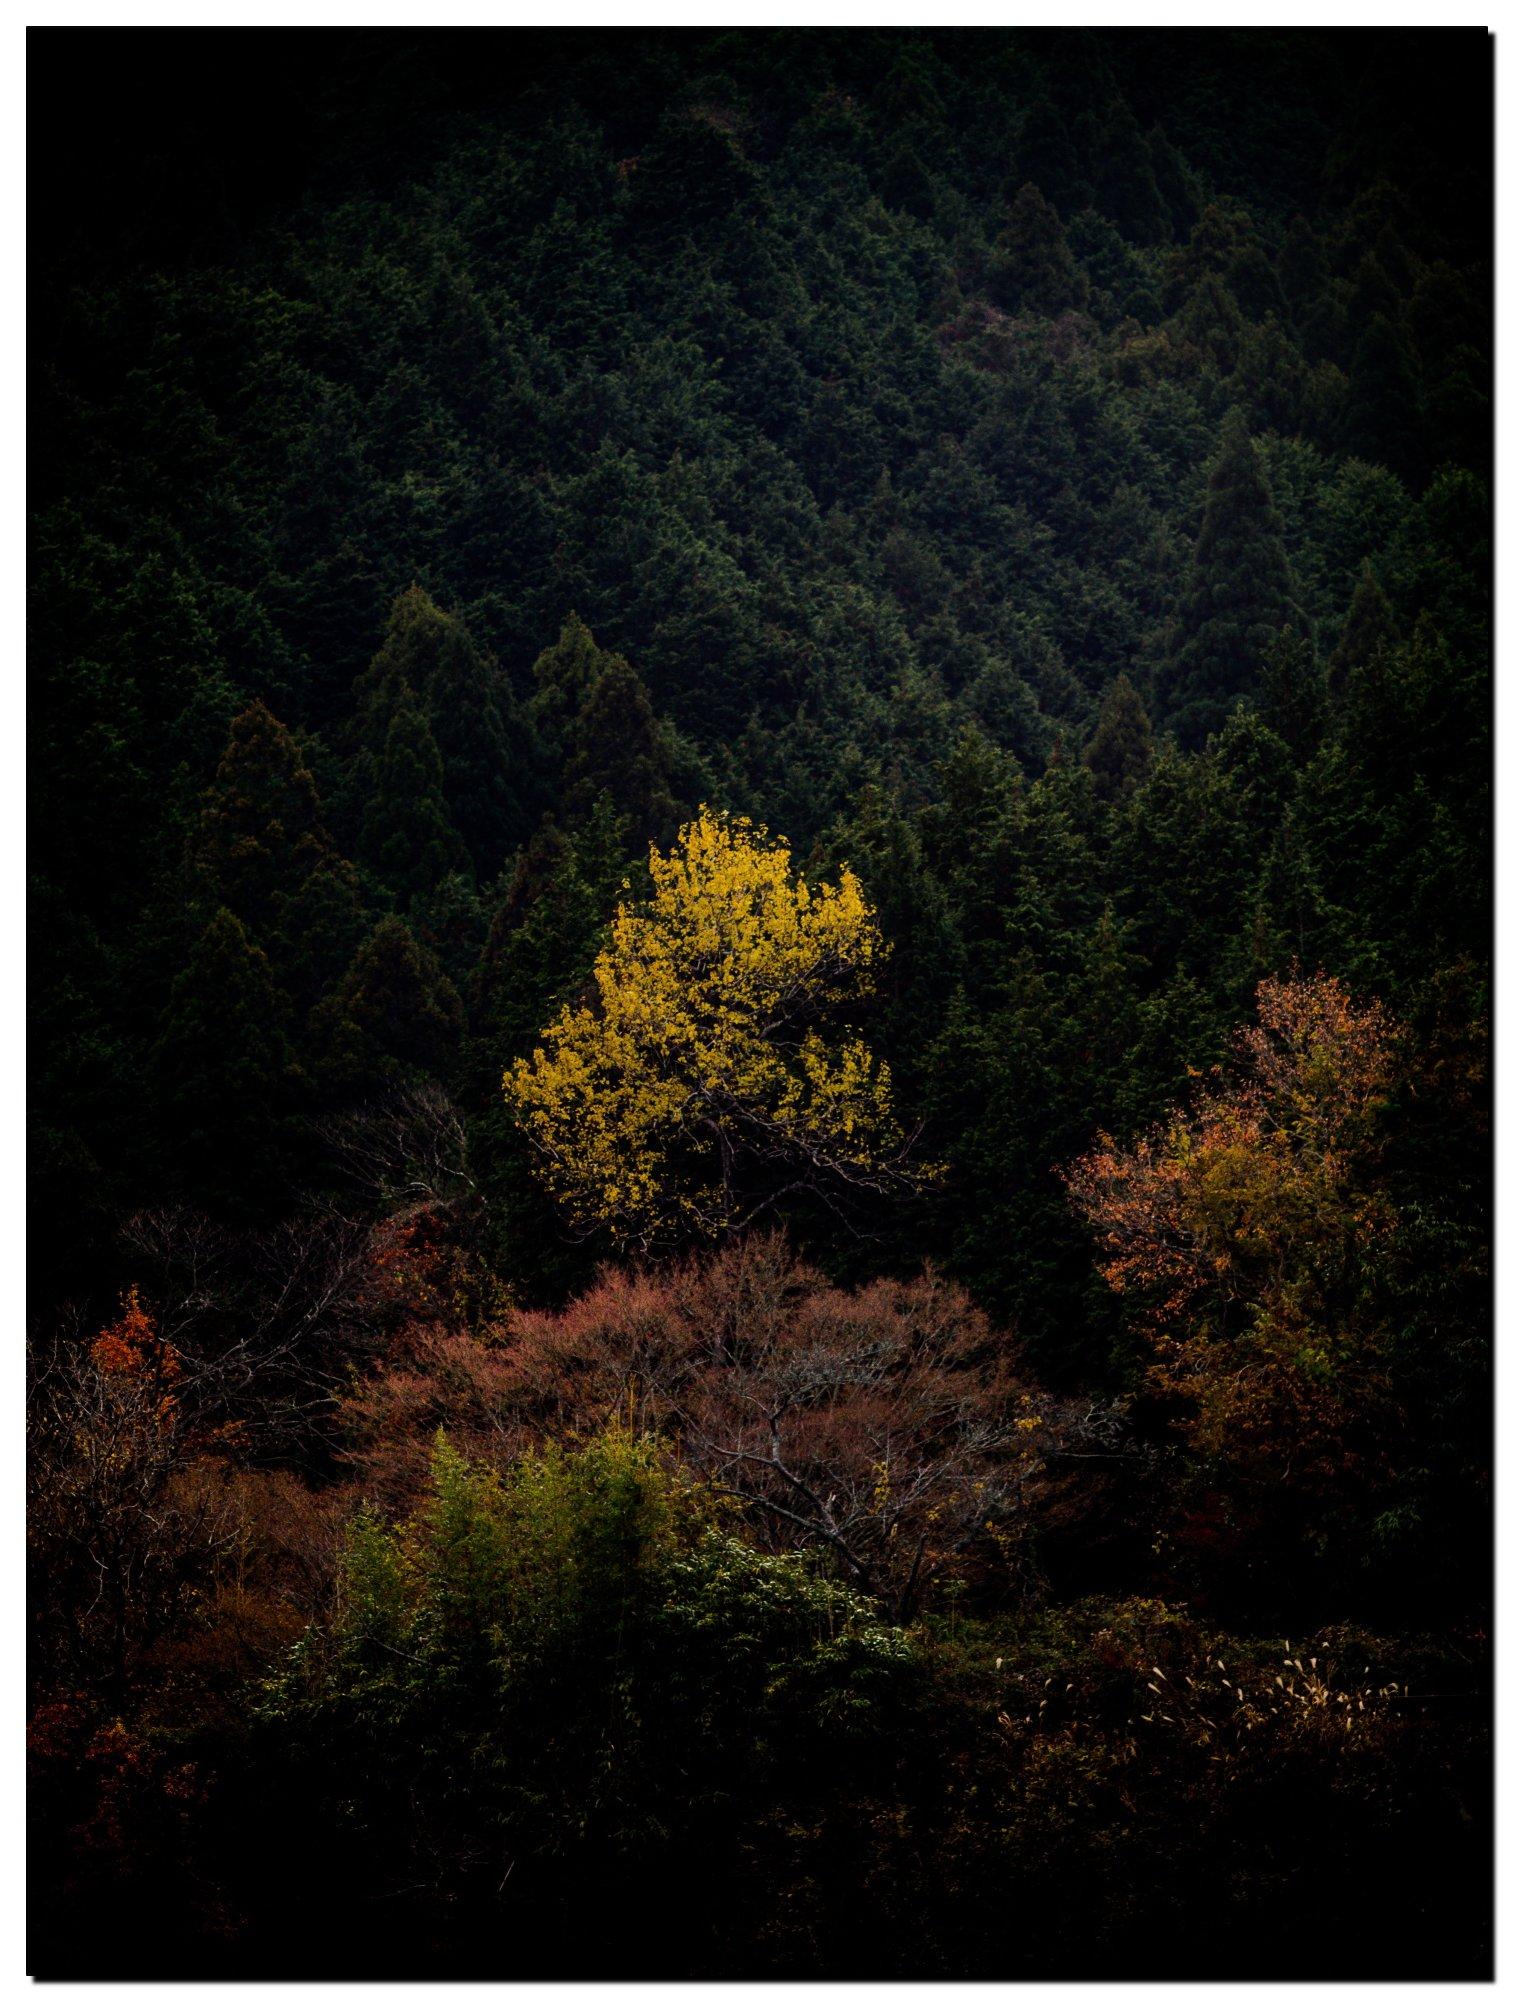 03LR-PF140884-Edit-6.jpg